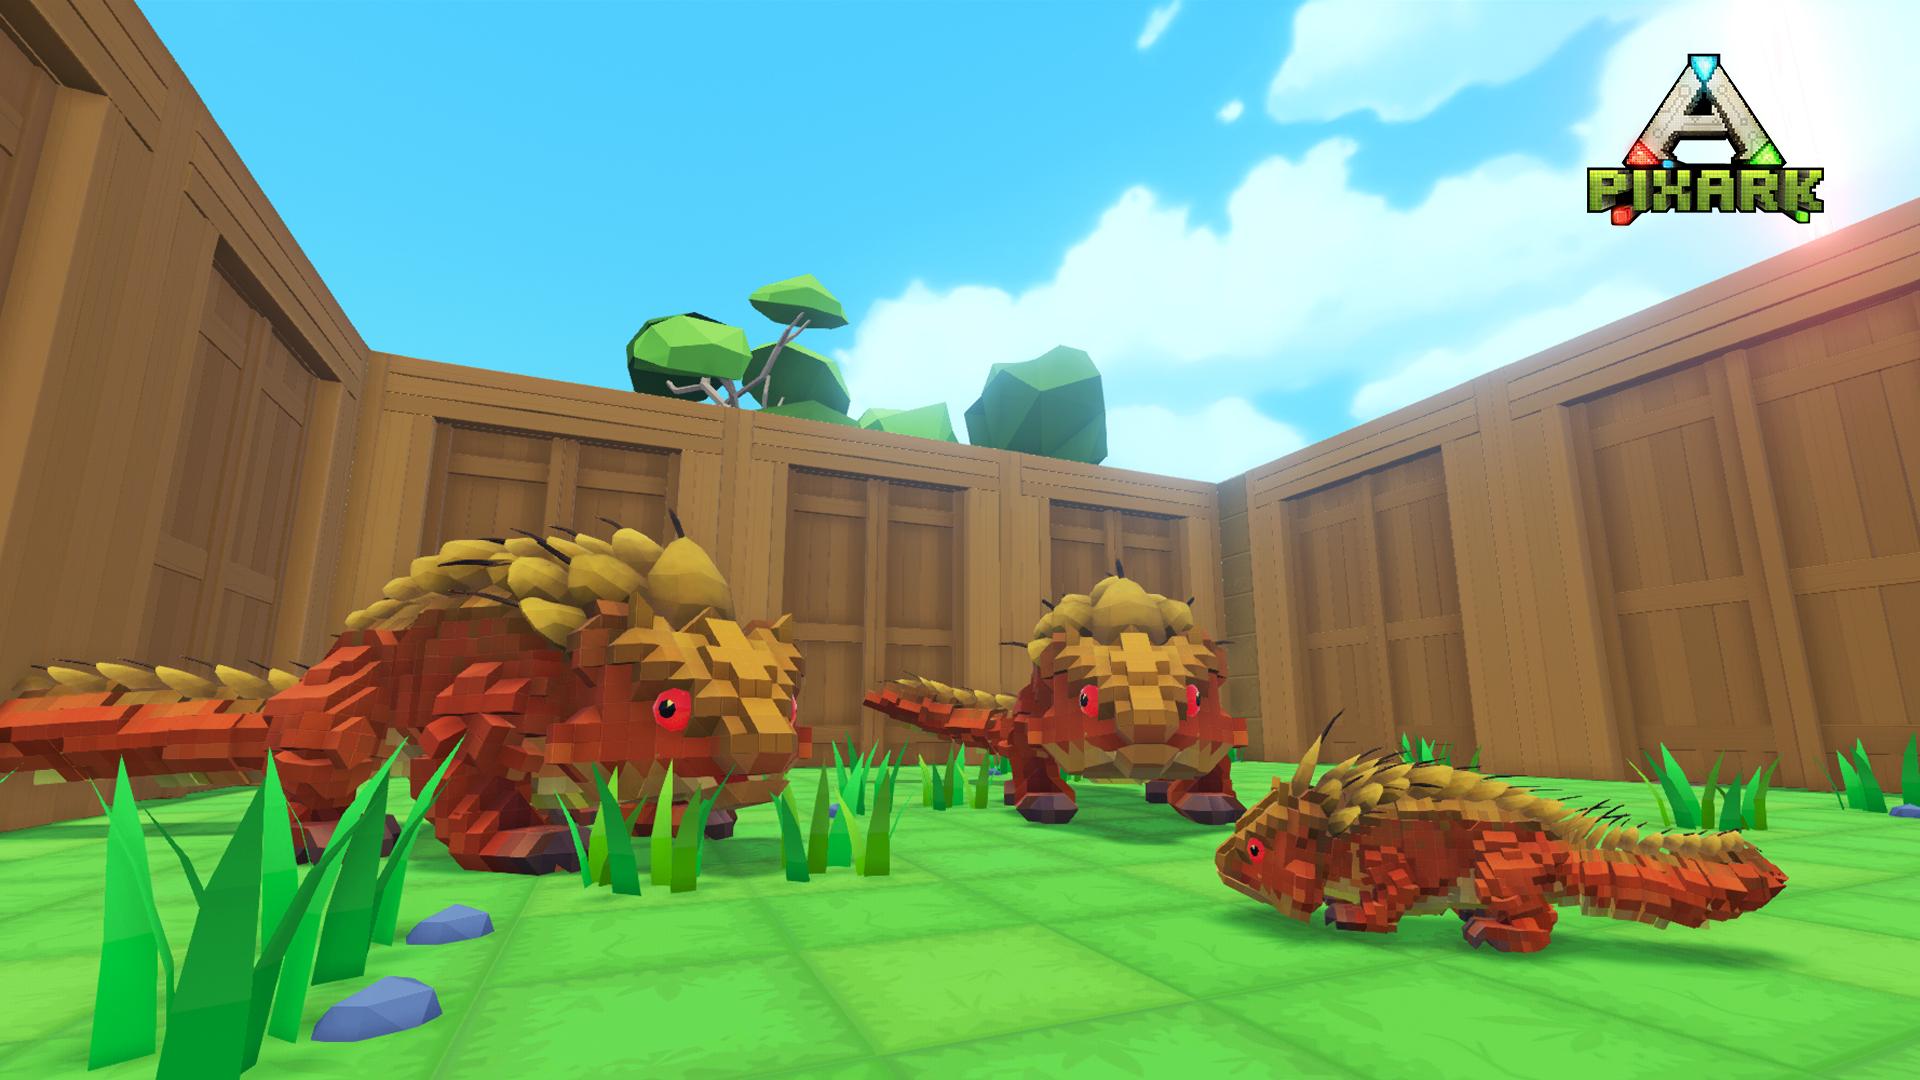 《方块方舟》正式版今日Steam正式发售,同步登陆三大主机平台